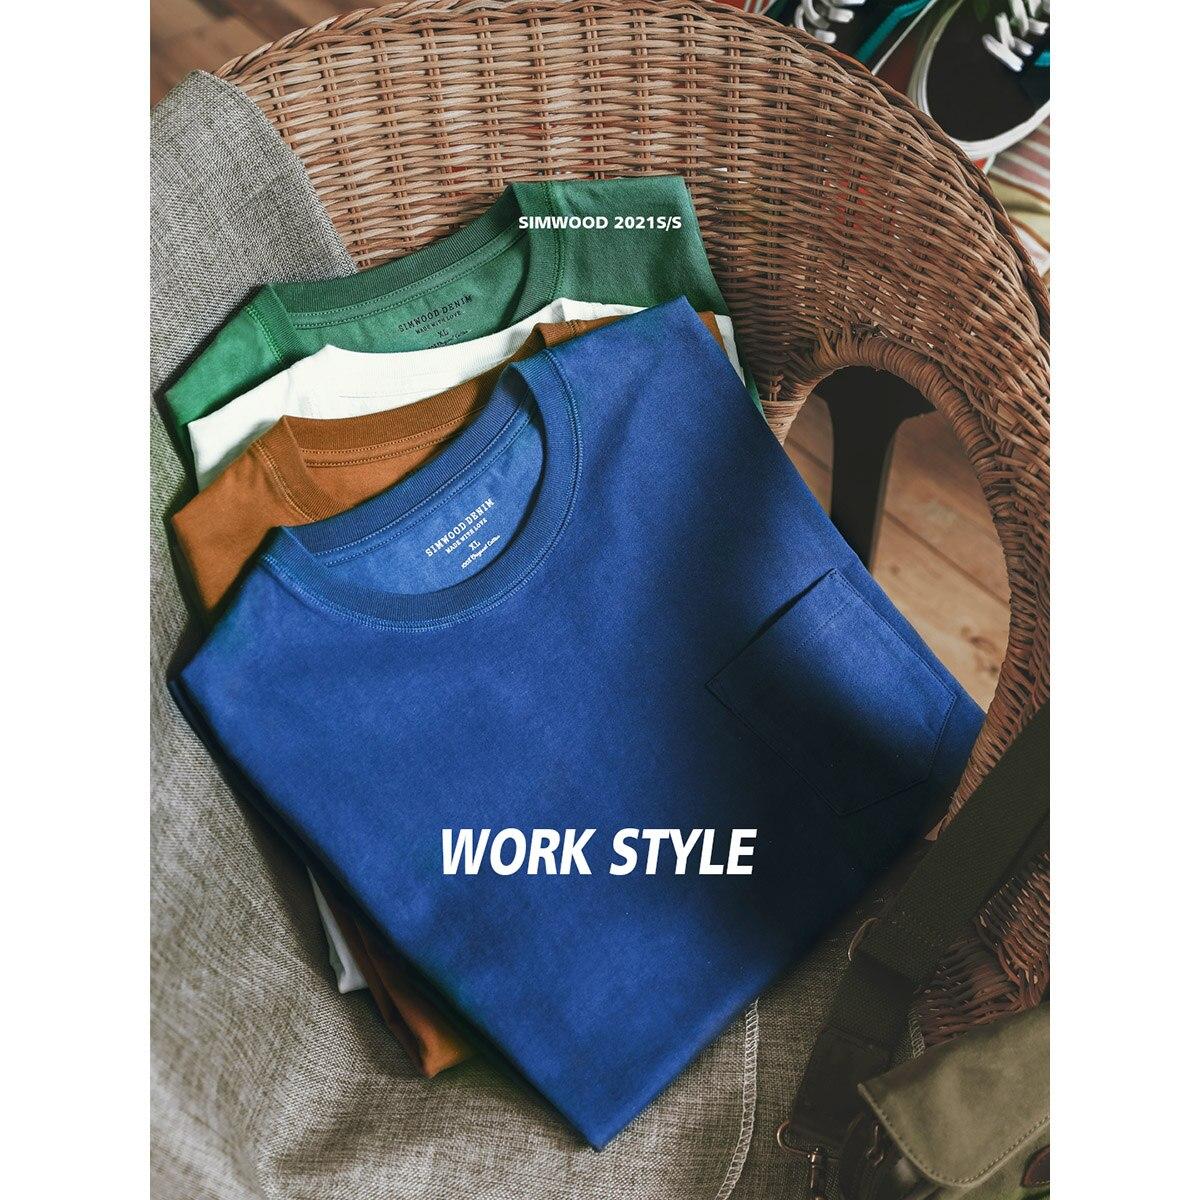 SIMWOOD 2021 летняя Новинка 240 г плотная ткань Футболка Мужская сплошной цвет свободный стиль размера плюс футболка высокое качество Топы|Футболки|   | АлиЭкспресс